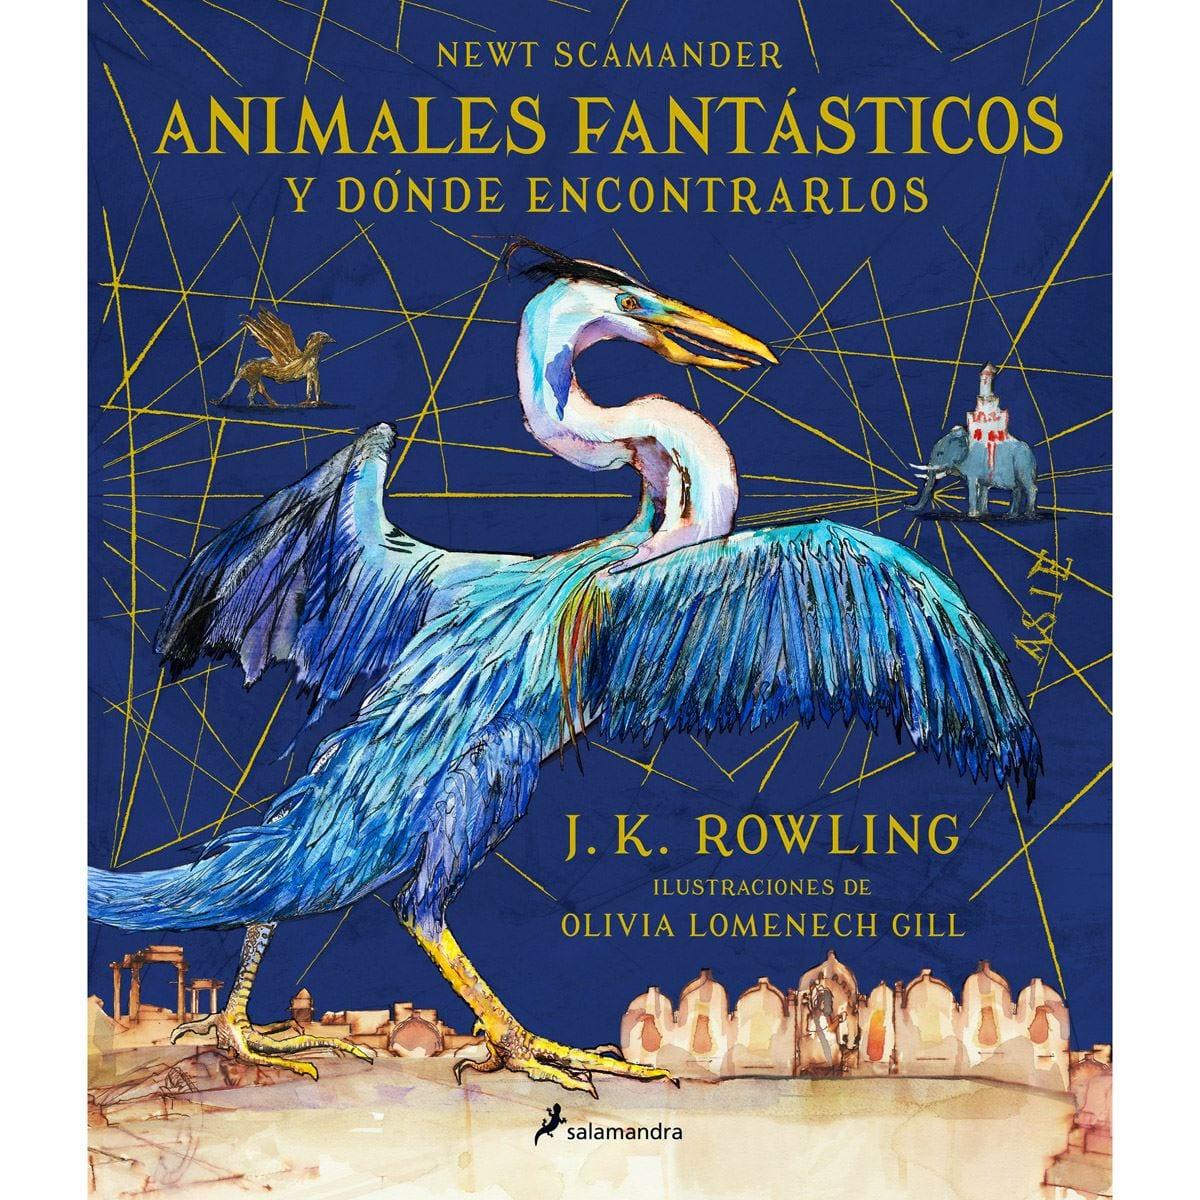 Animales fantásticos y donde encontrarlos.